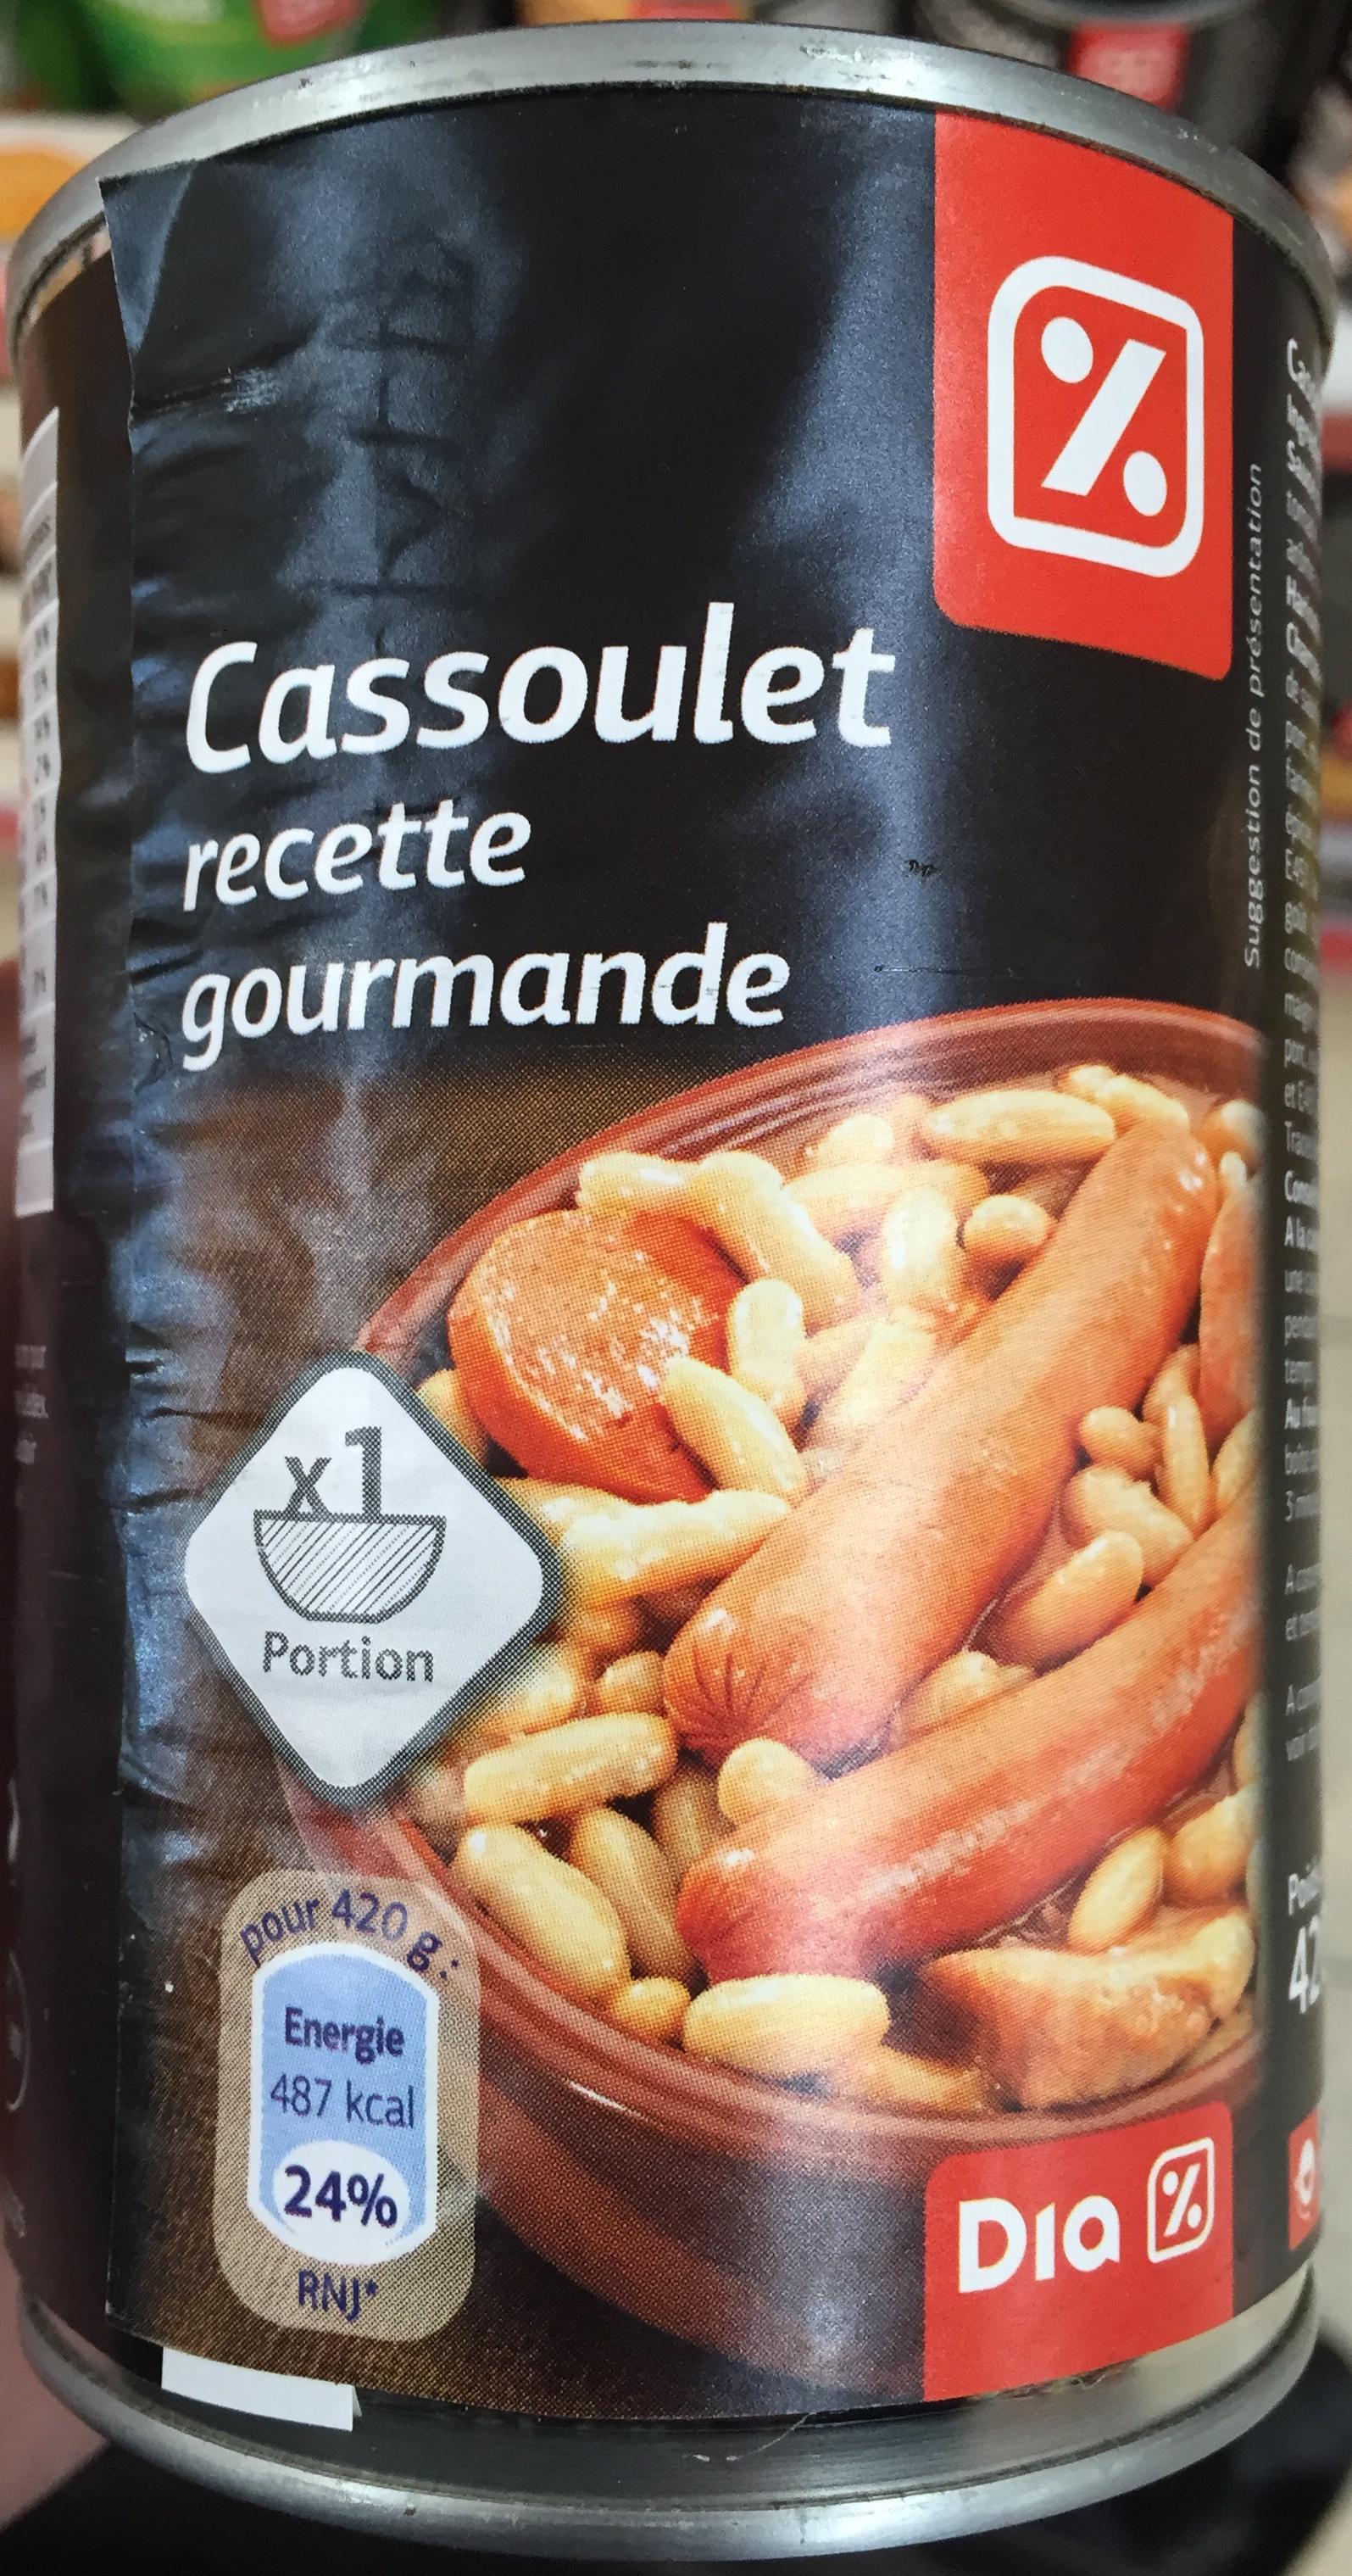 Cassoulet recette gourmande - Produit - fr